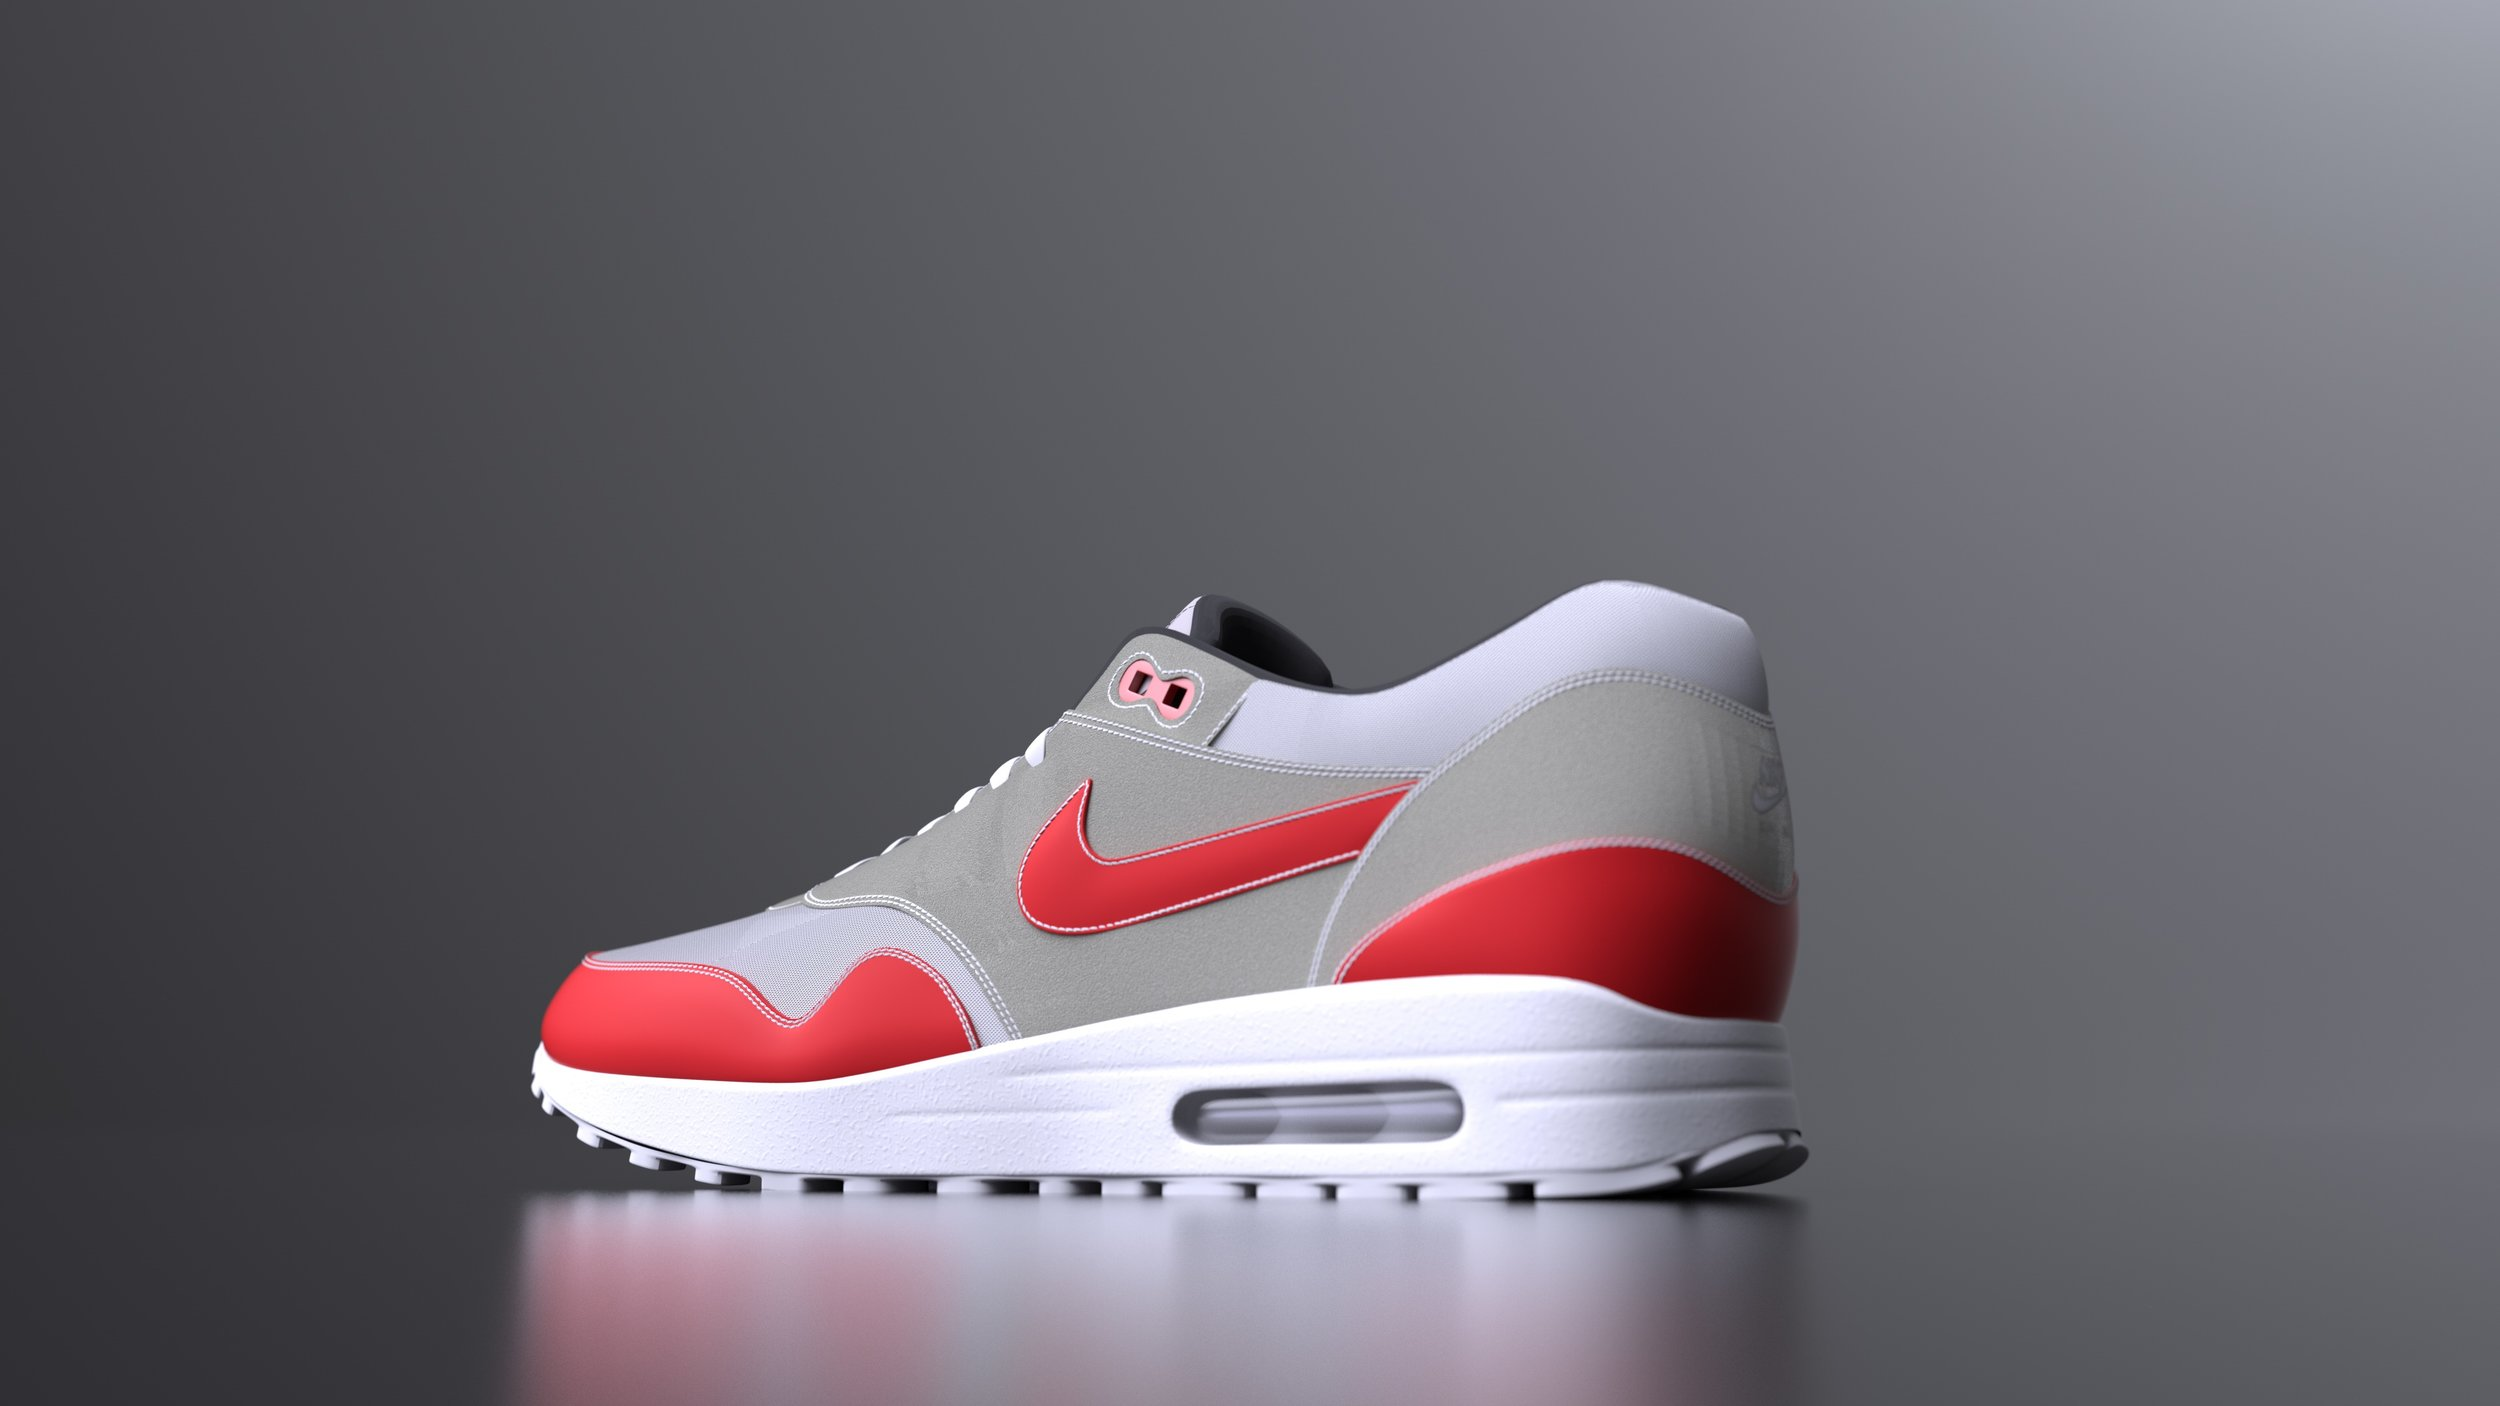 NikeAirmax_Hipoly - V0013 4K.jpg